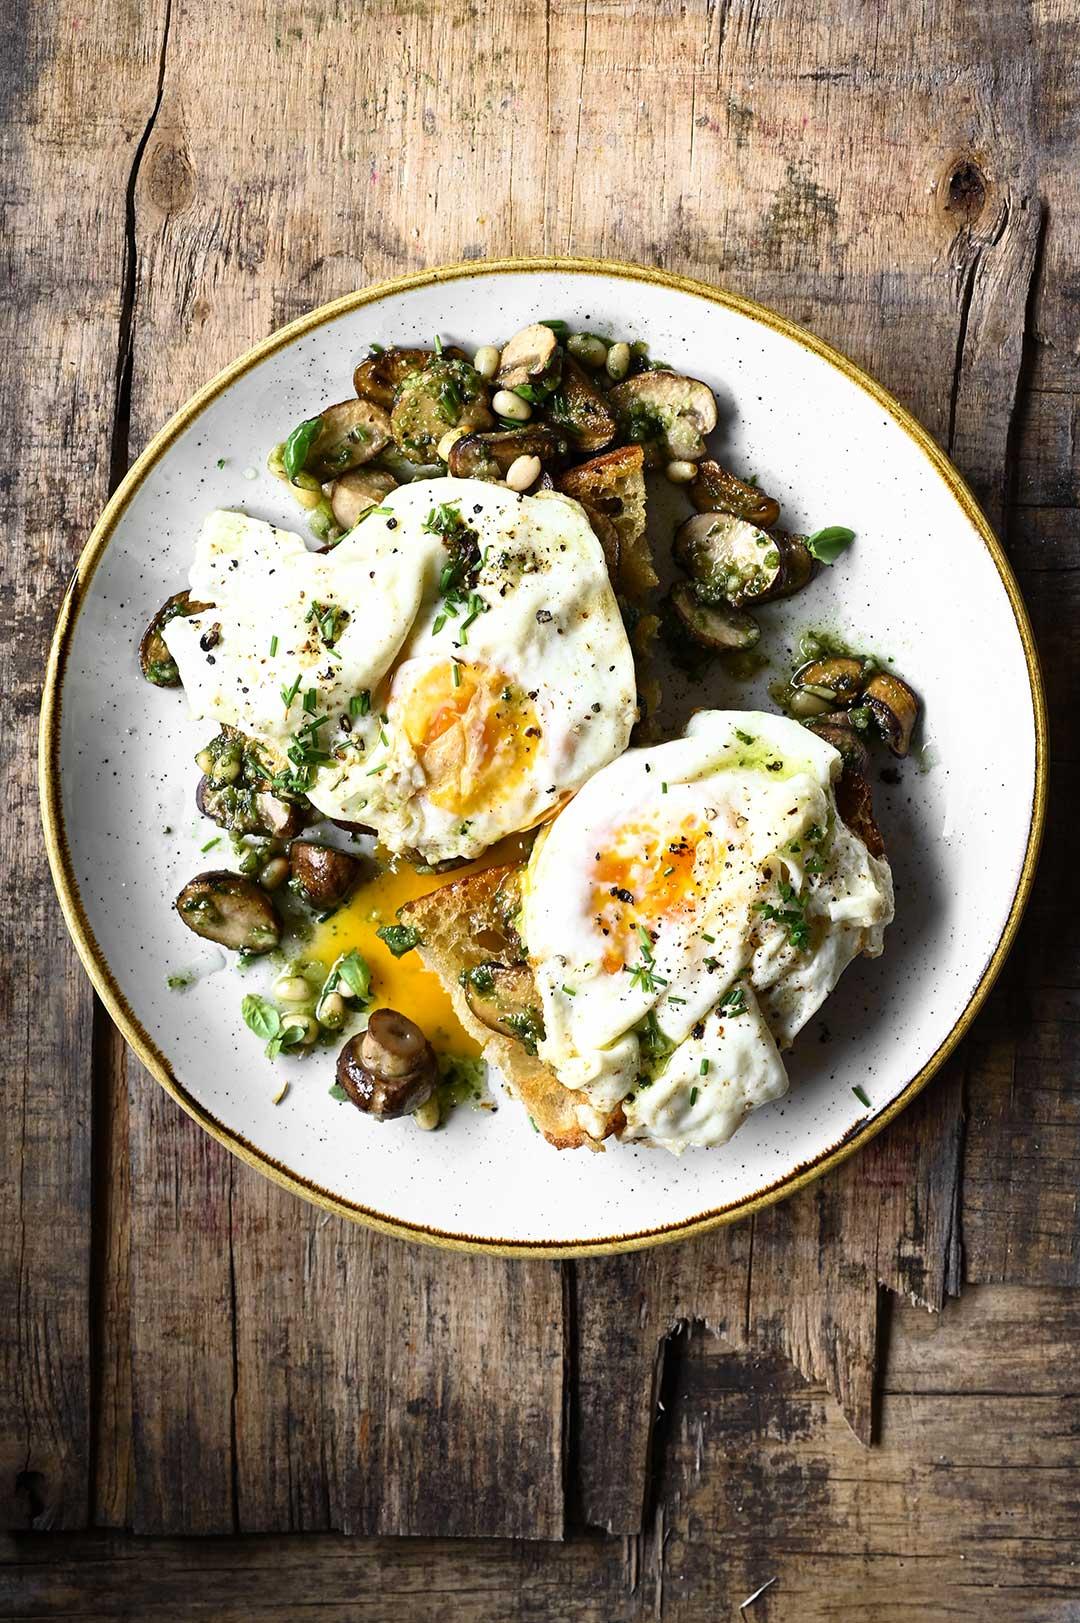 serving dumplings | Pesto Mushrooms and Egg Toast